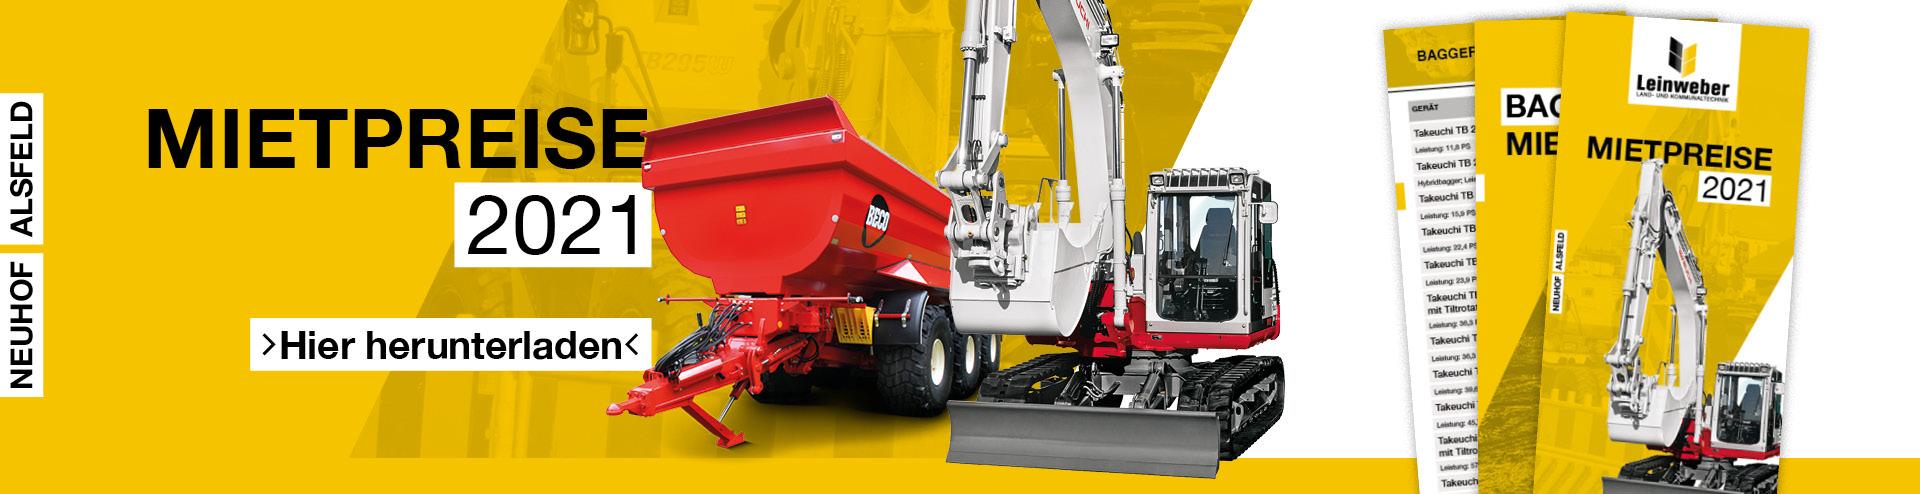 Mietpreisliste 2021 für Baumaschinen zum Download – Leinweber Landtechnik in Neuhof & Alsfeld